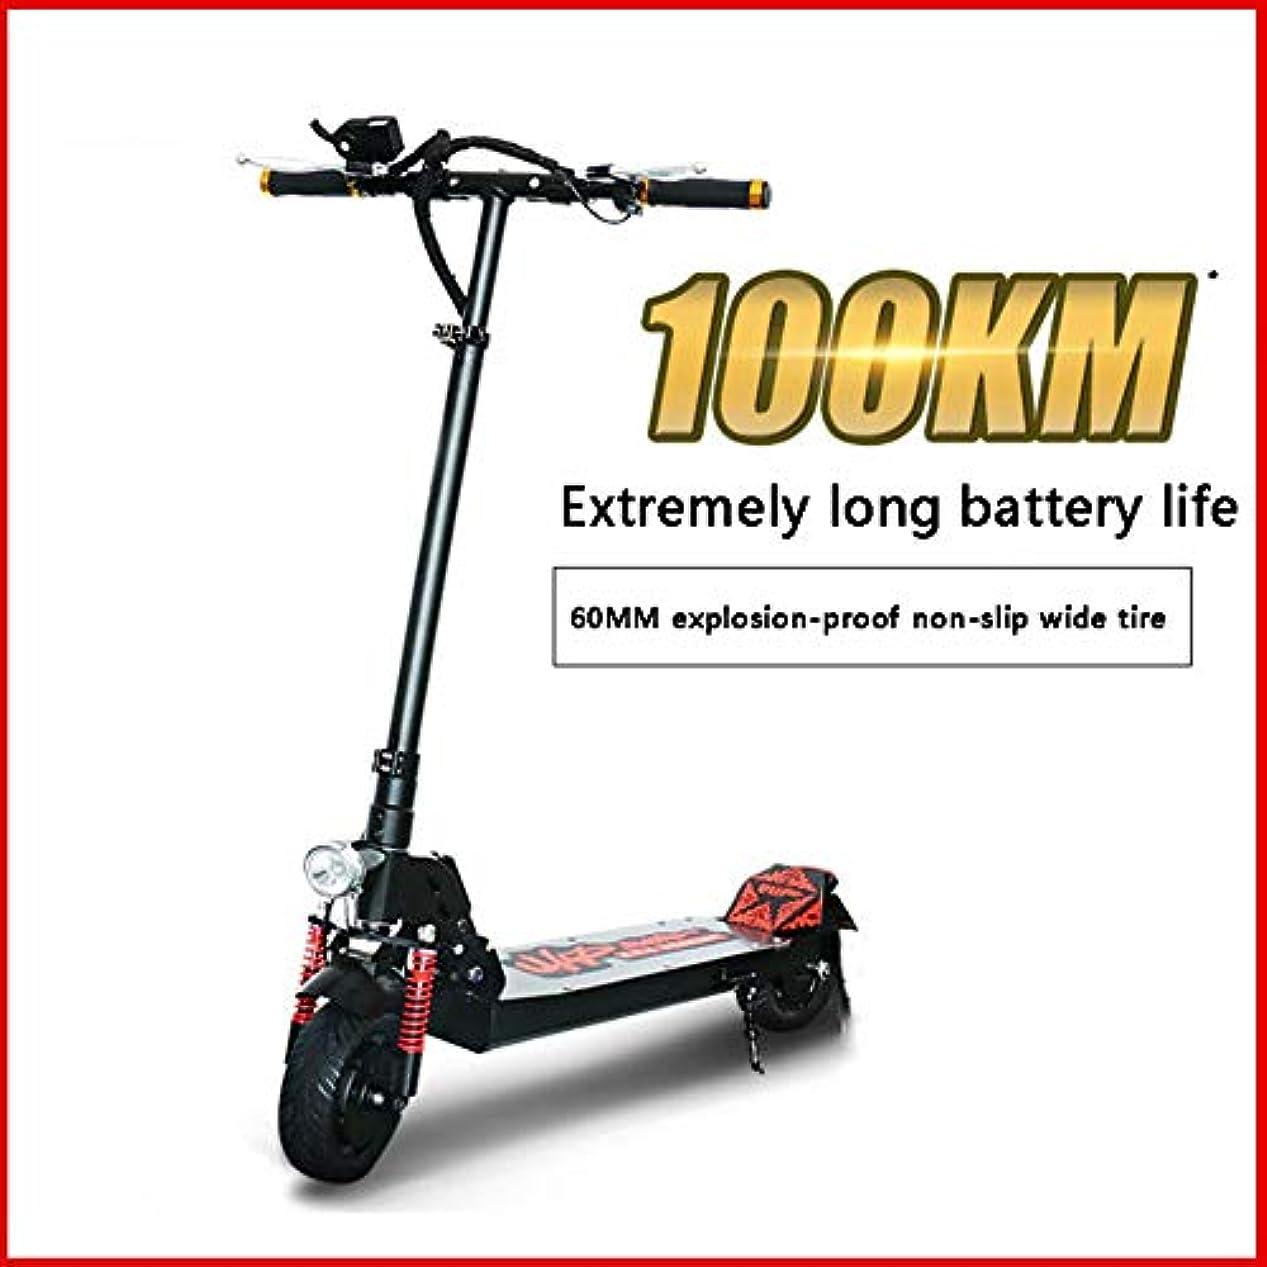 受け継ぐ子豚探偵電気スクーターの大人350wモーター35km / H 8インチのオフロードタイヤの折りたたみの通勤スクーター36vのリチウム電池色は10代の若者のために適したサイドバーを導きました